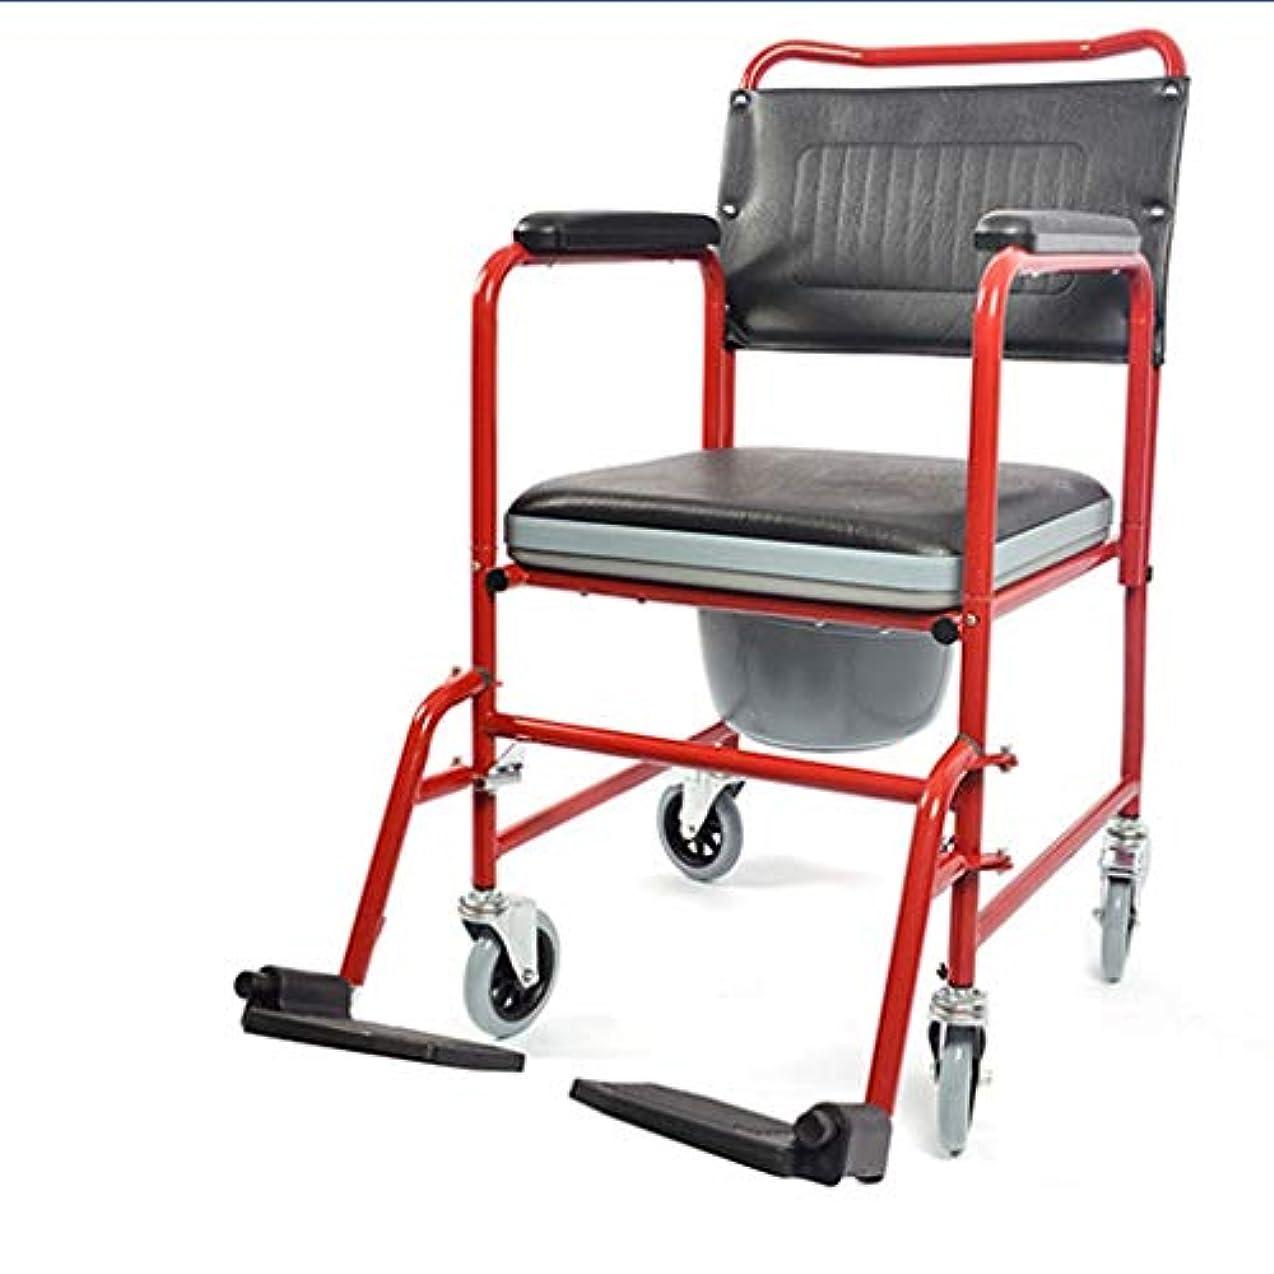 狼それ異常バスルームのシャワーチェア、レインスツール、高齢者妊婦ポータブル多機能車椅子高齢者ポータブルカート